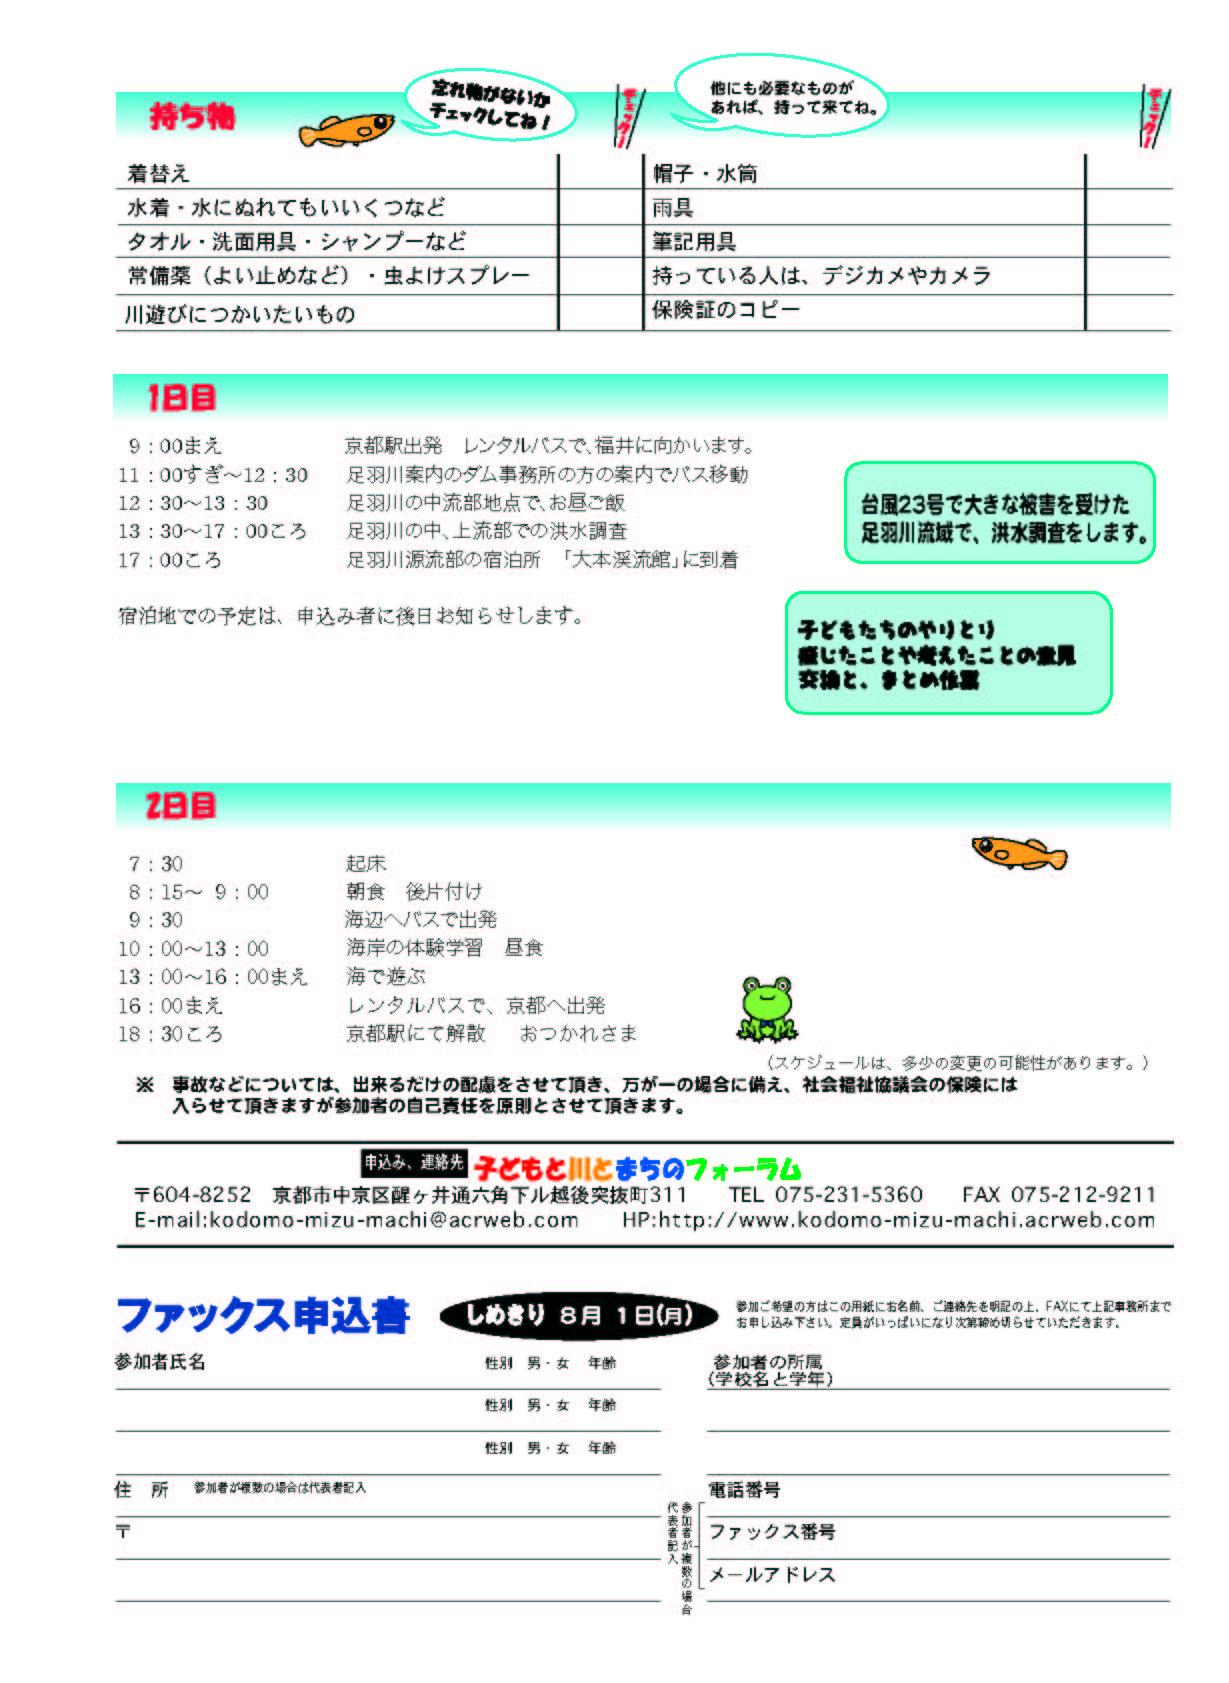 夏休み子ども流域ワークショップお知らせ_e0008880_1248978.jpg